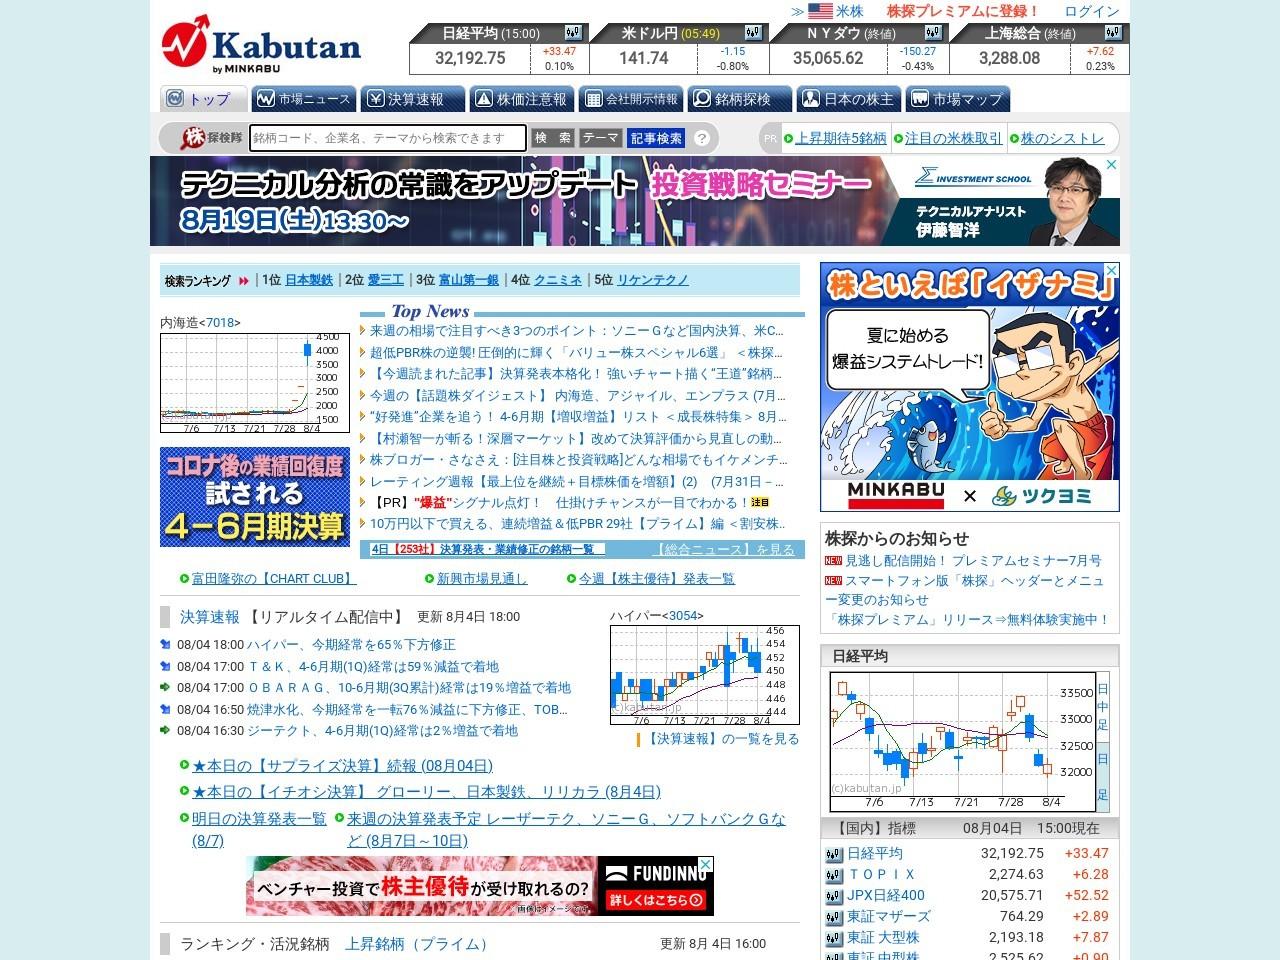 【経済】パルベルク美沙子の株はじめちゃいました:DMM株STANDARDで「フィットネス・スポーツ」関連 …